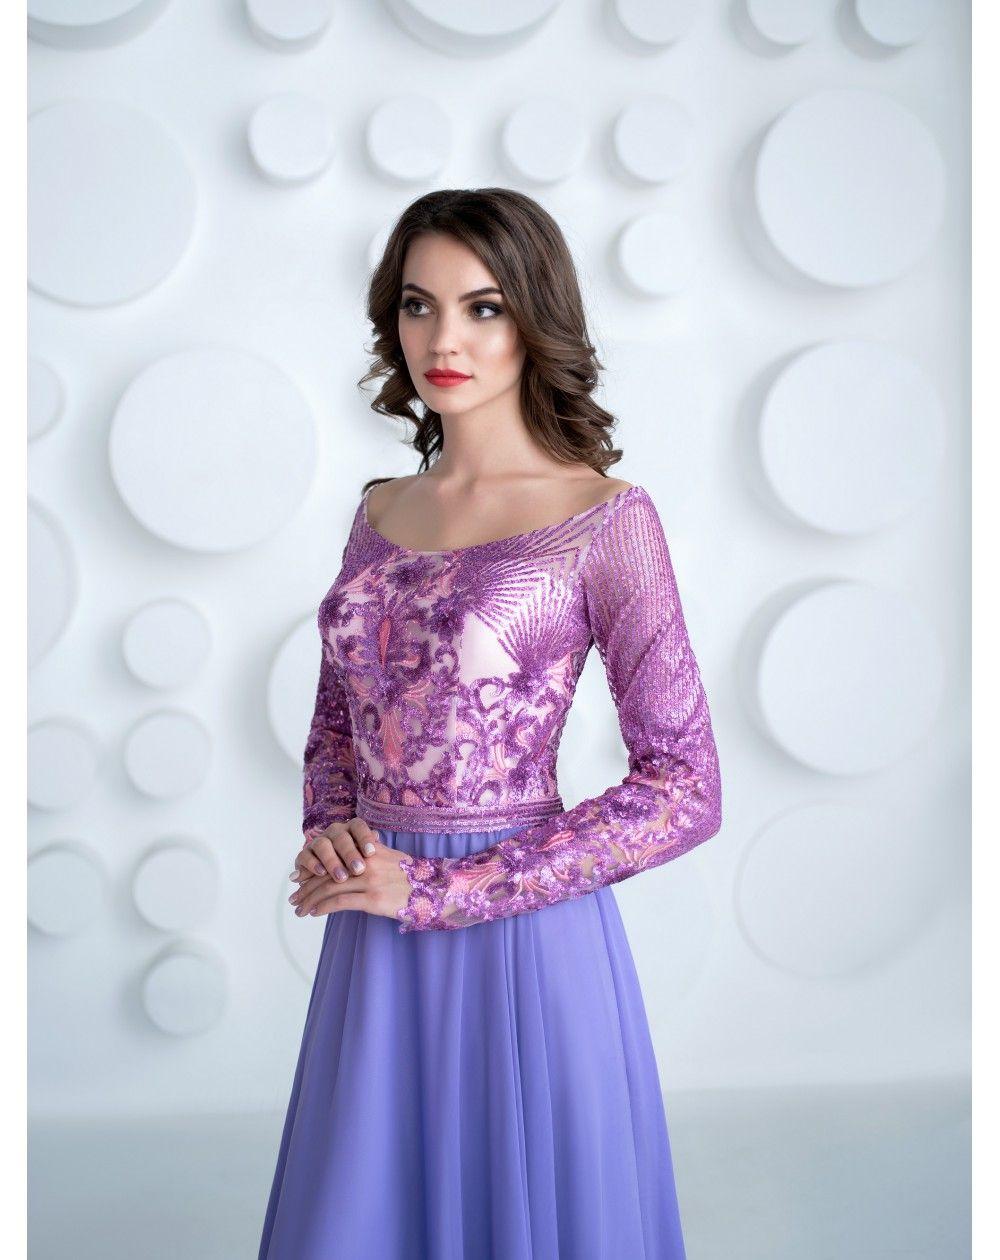 Dlhé modré šaty večerné šaty s dlhými rukávmi. Zvršok je vytvorený z  neopakovateľnej látky so 1a2cbee0173